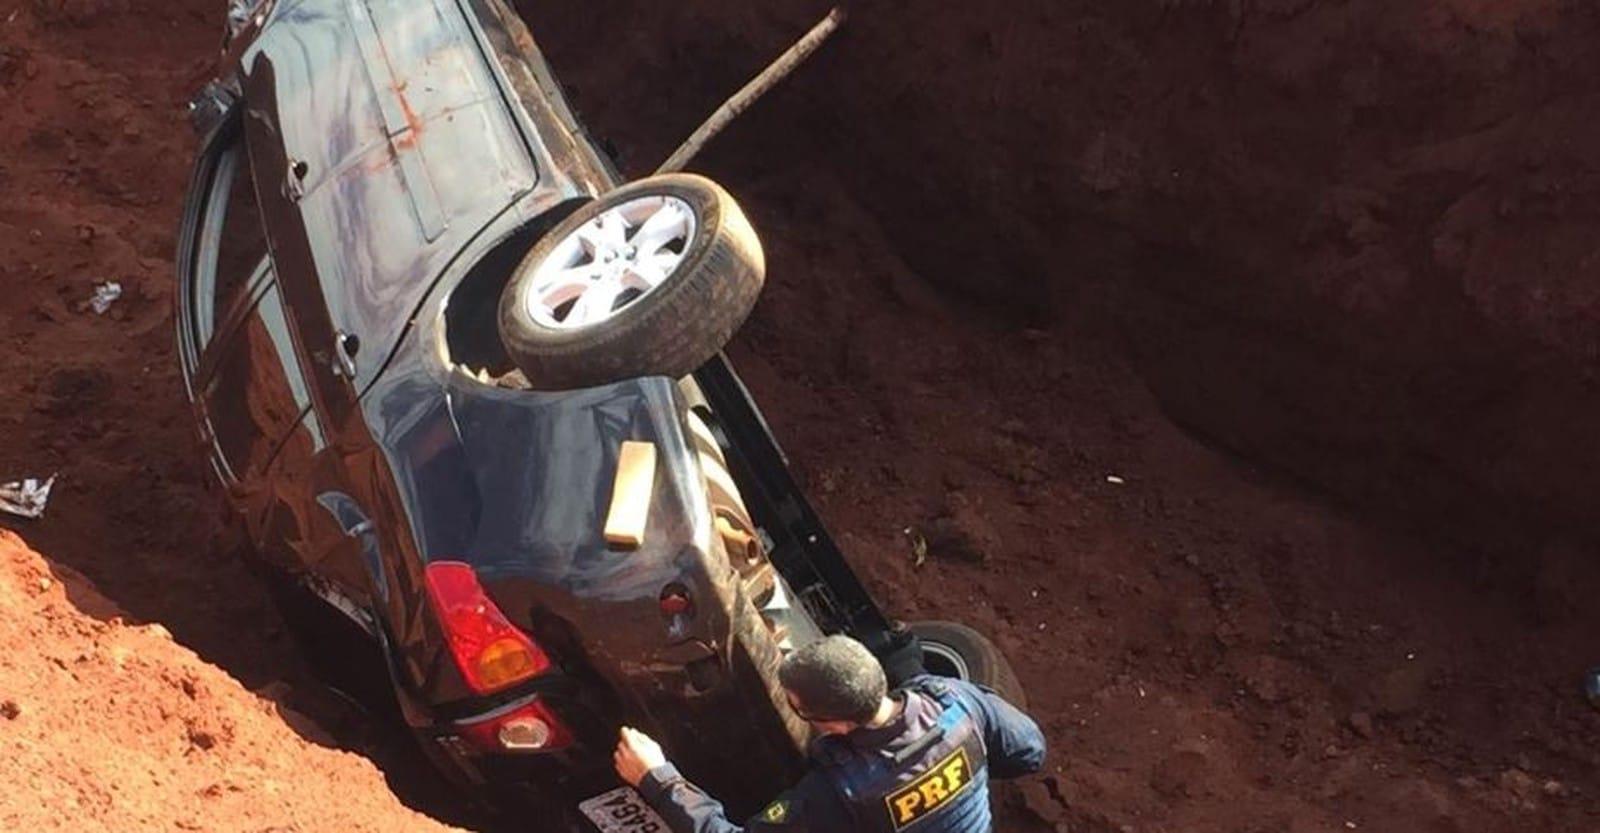 Motorista tentou fugir de uma blitz da Polícia Rodoviária Federal pois estava com o carro recheado de drogas. — Foto: Alisson Negrini/Divulgação